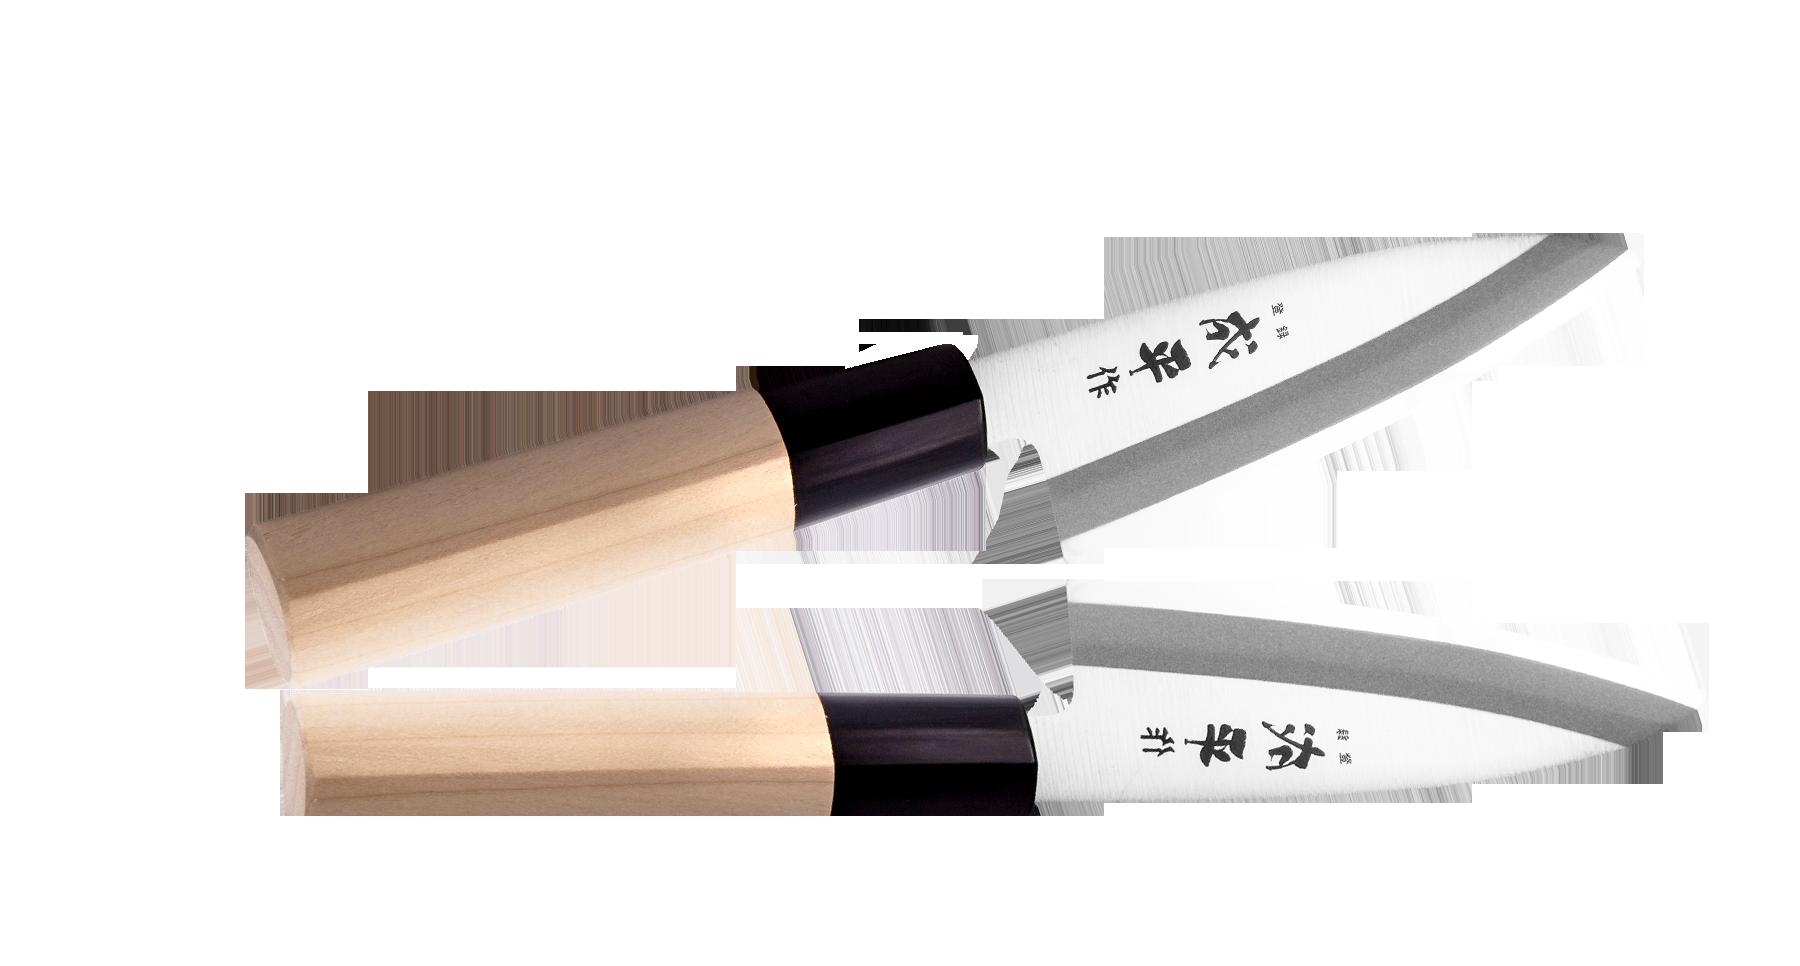 Нож Кухонный Деба, Narihira, Tojiro, FC-70, сталь AUS-8, дуб, в картонной коробке